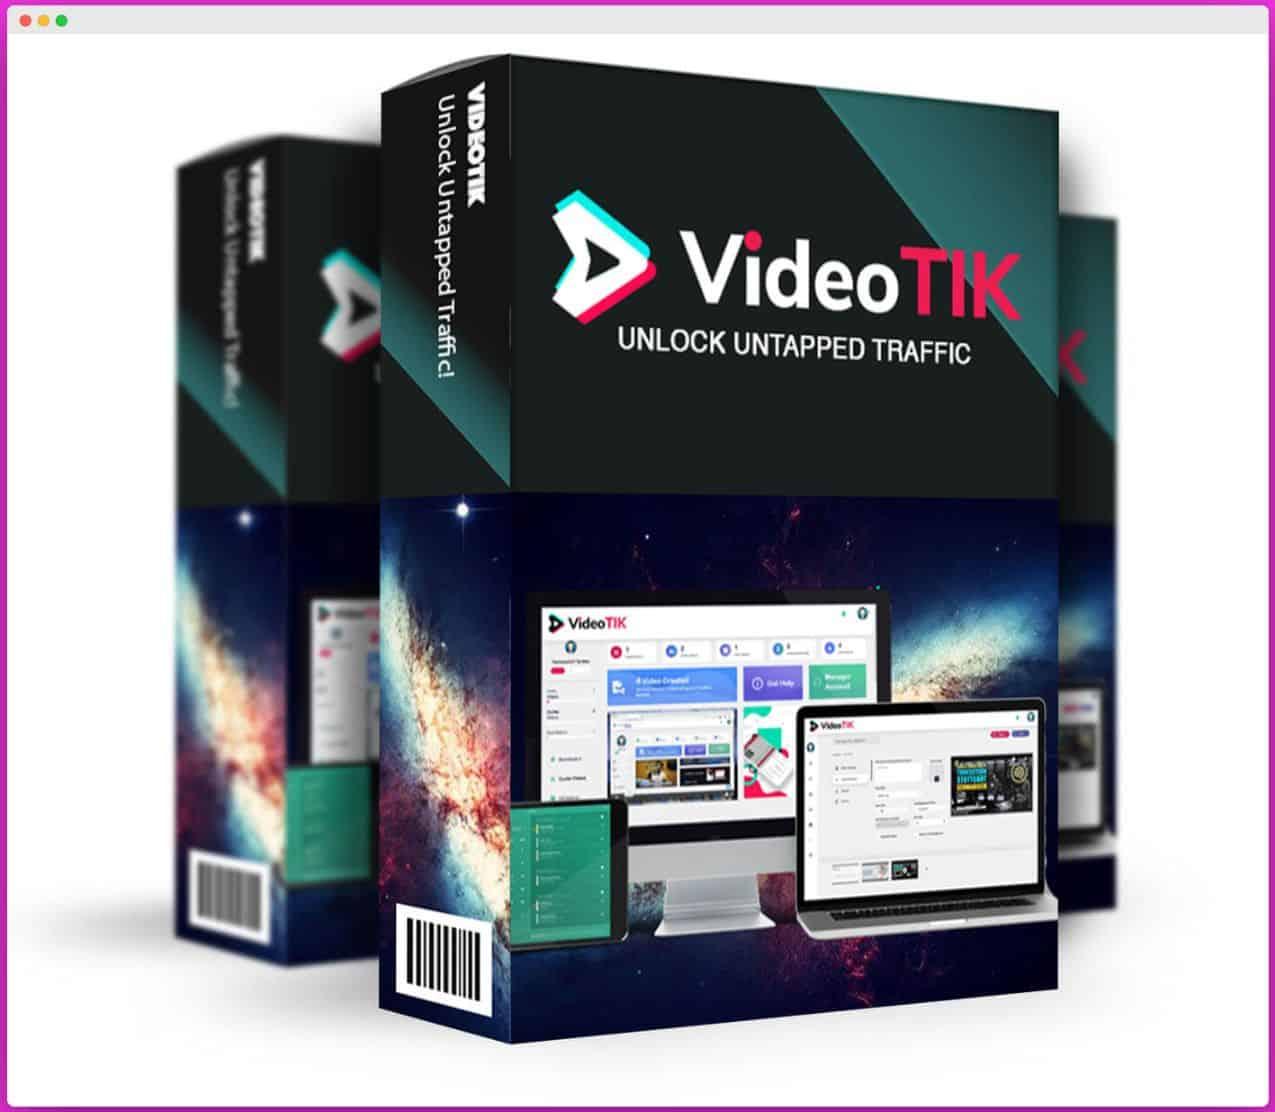 VideoTik Review + OTO Details + Best Bonuses